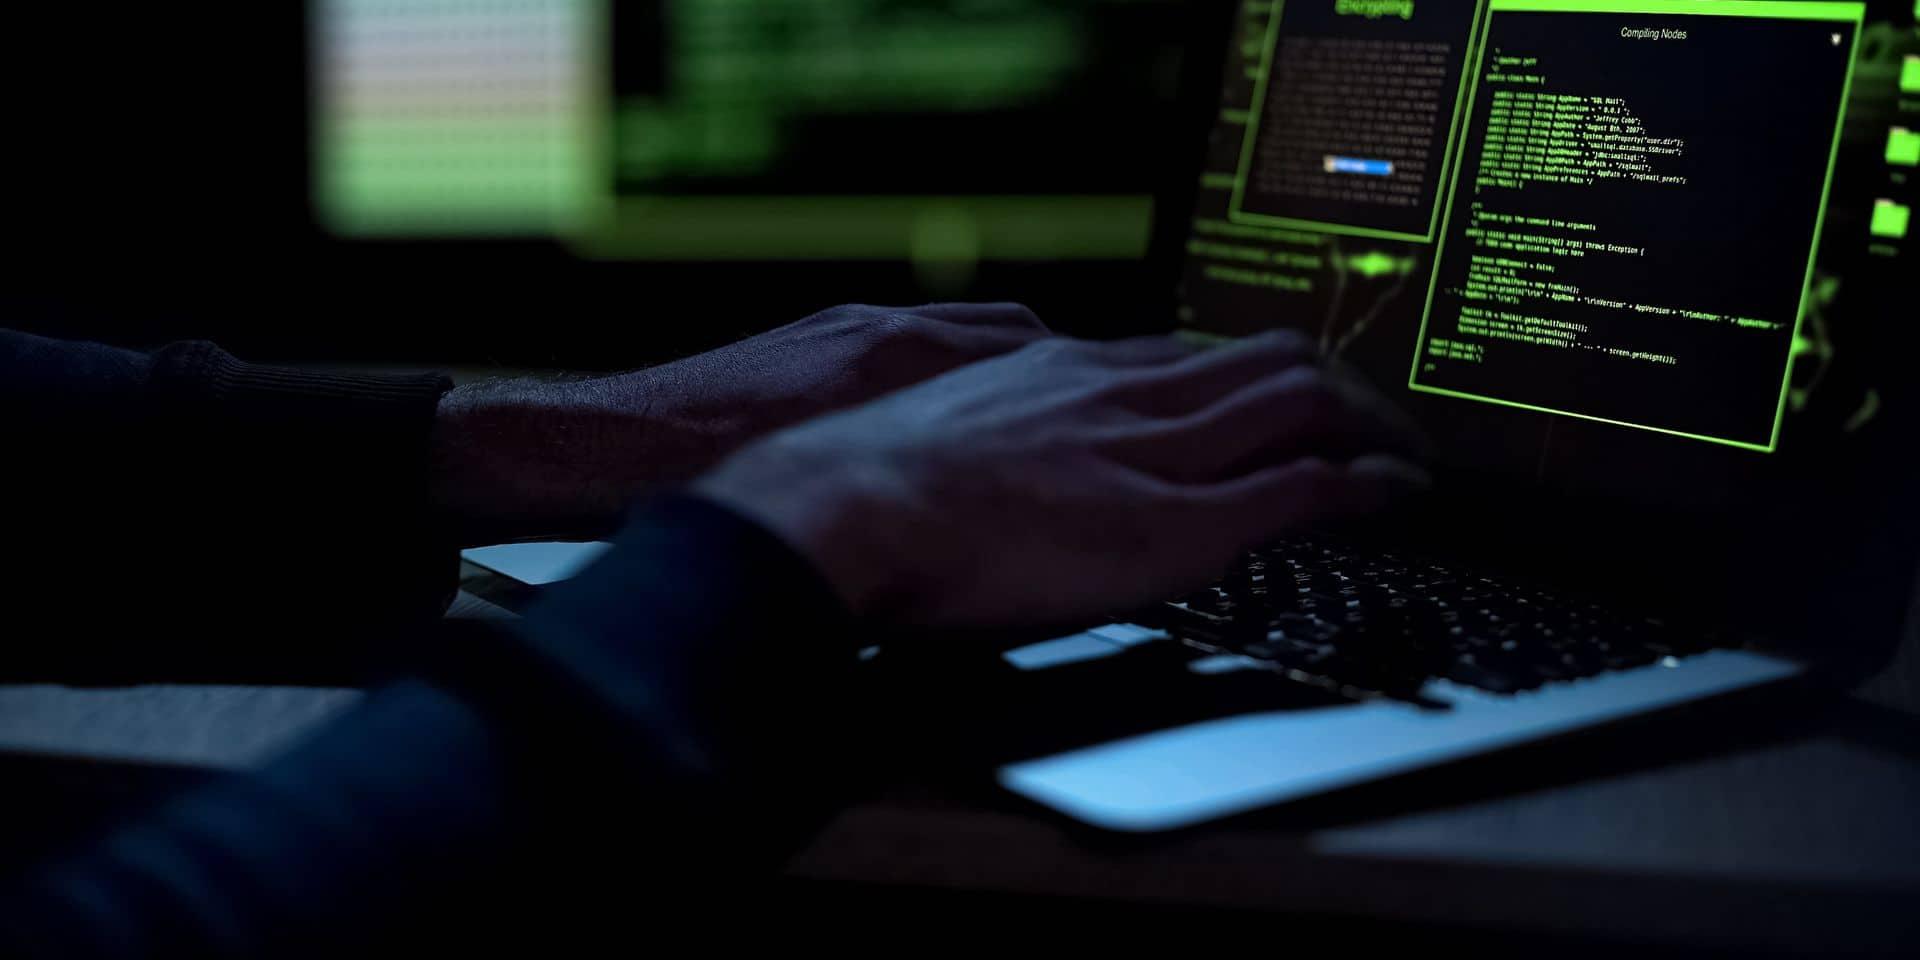 Piratage de compte, cyberattaque, prise de contrôle d'ordinateur: les Belges plus que jamais dans la ligne de mire